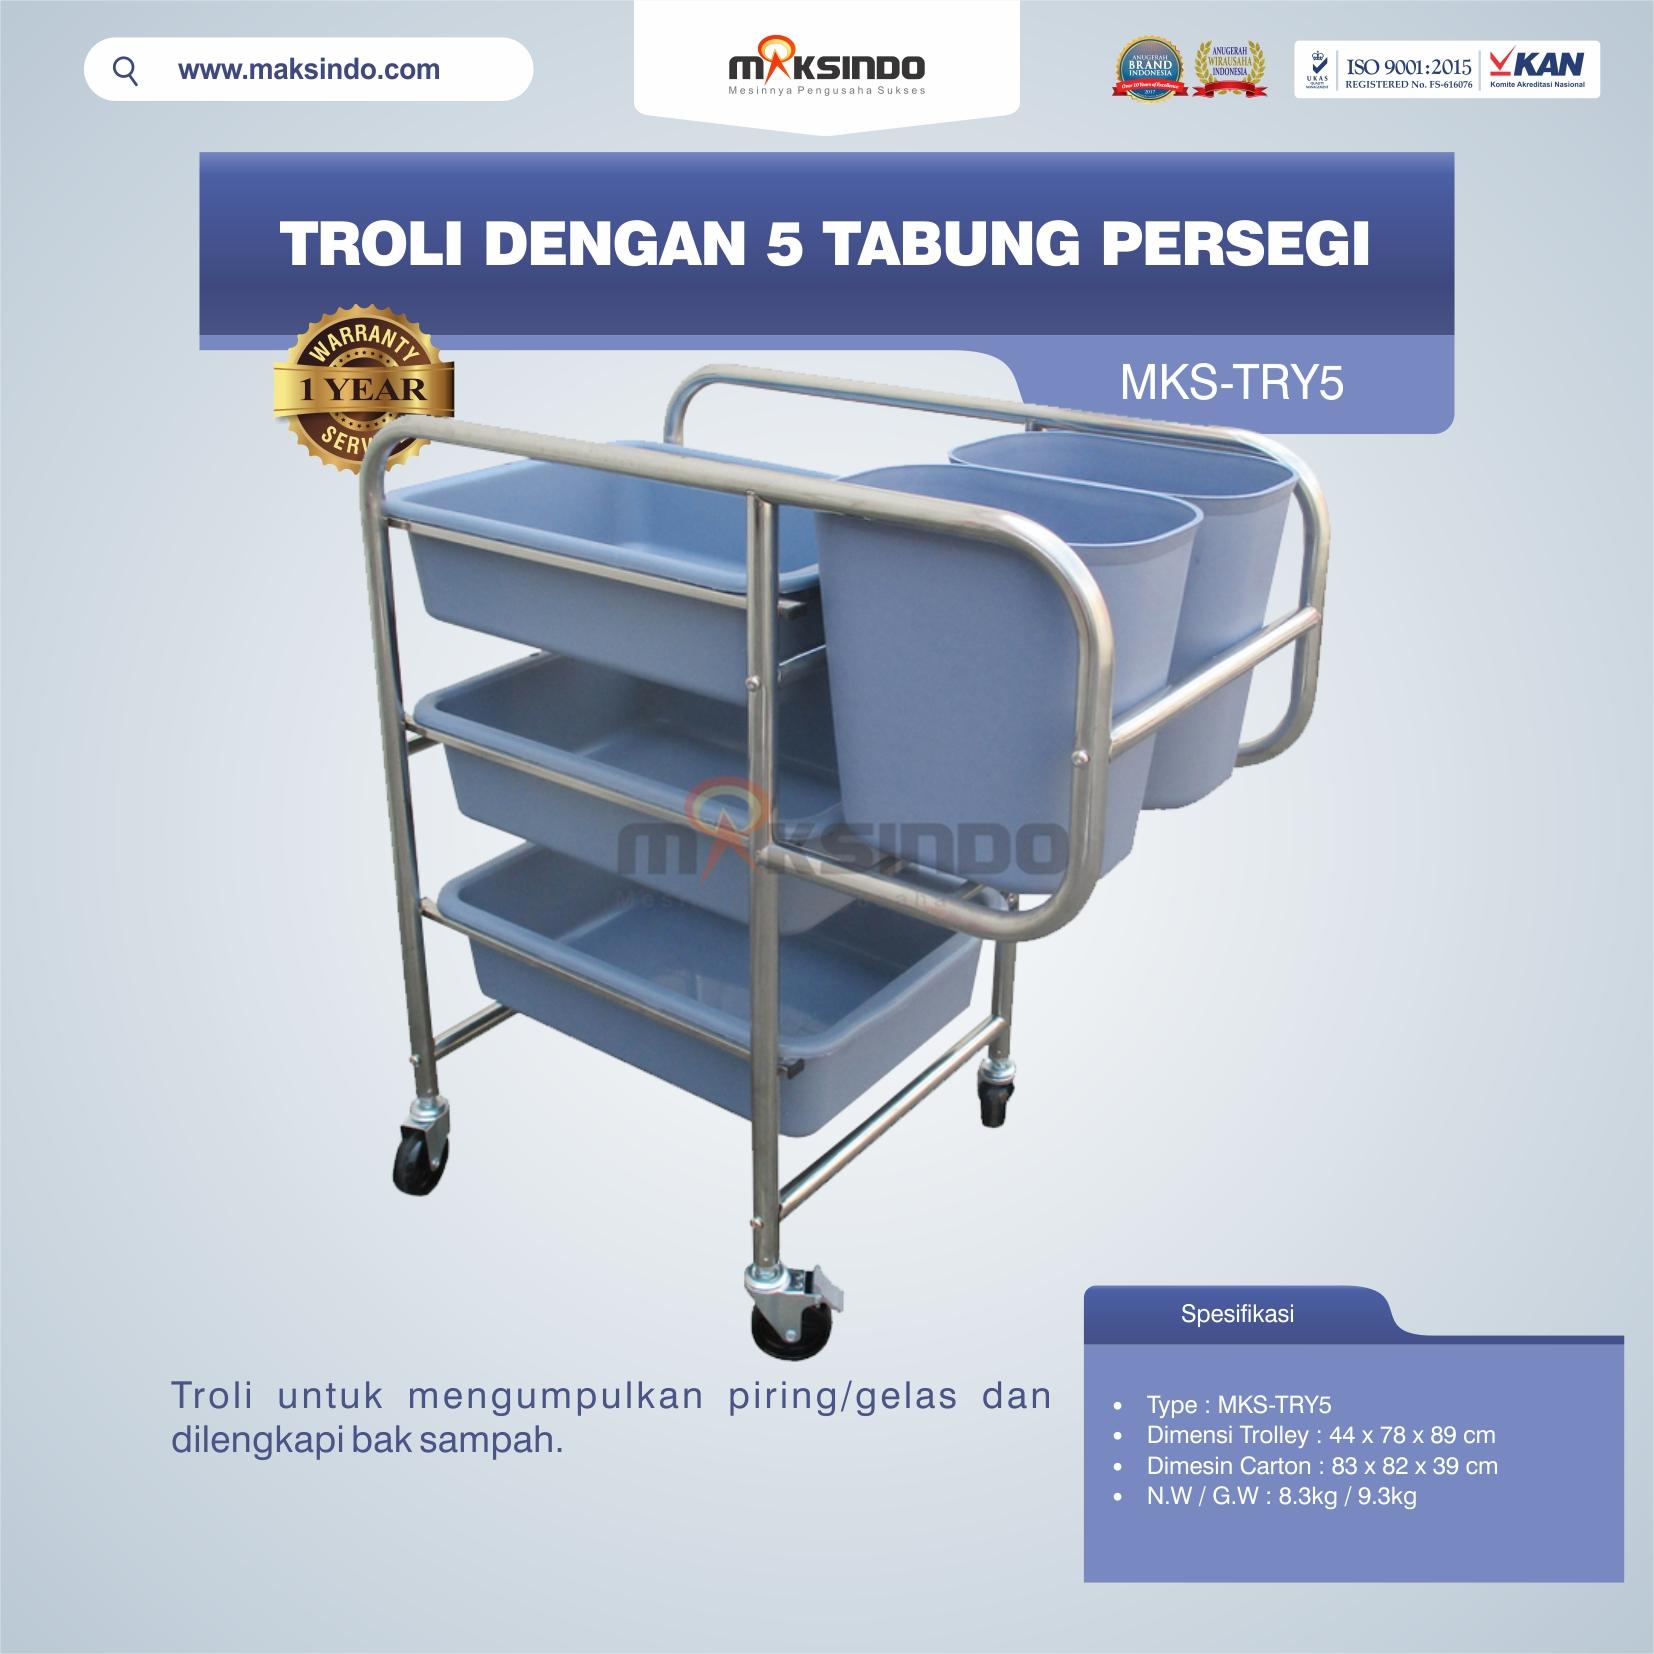 Jual Troli Dengan 5 Tabung Persegi MKS-TRY5 di Malang